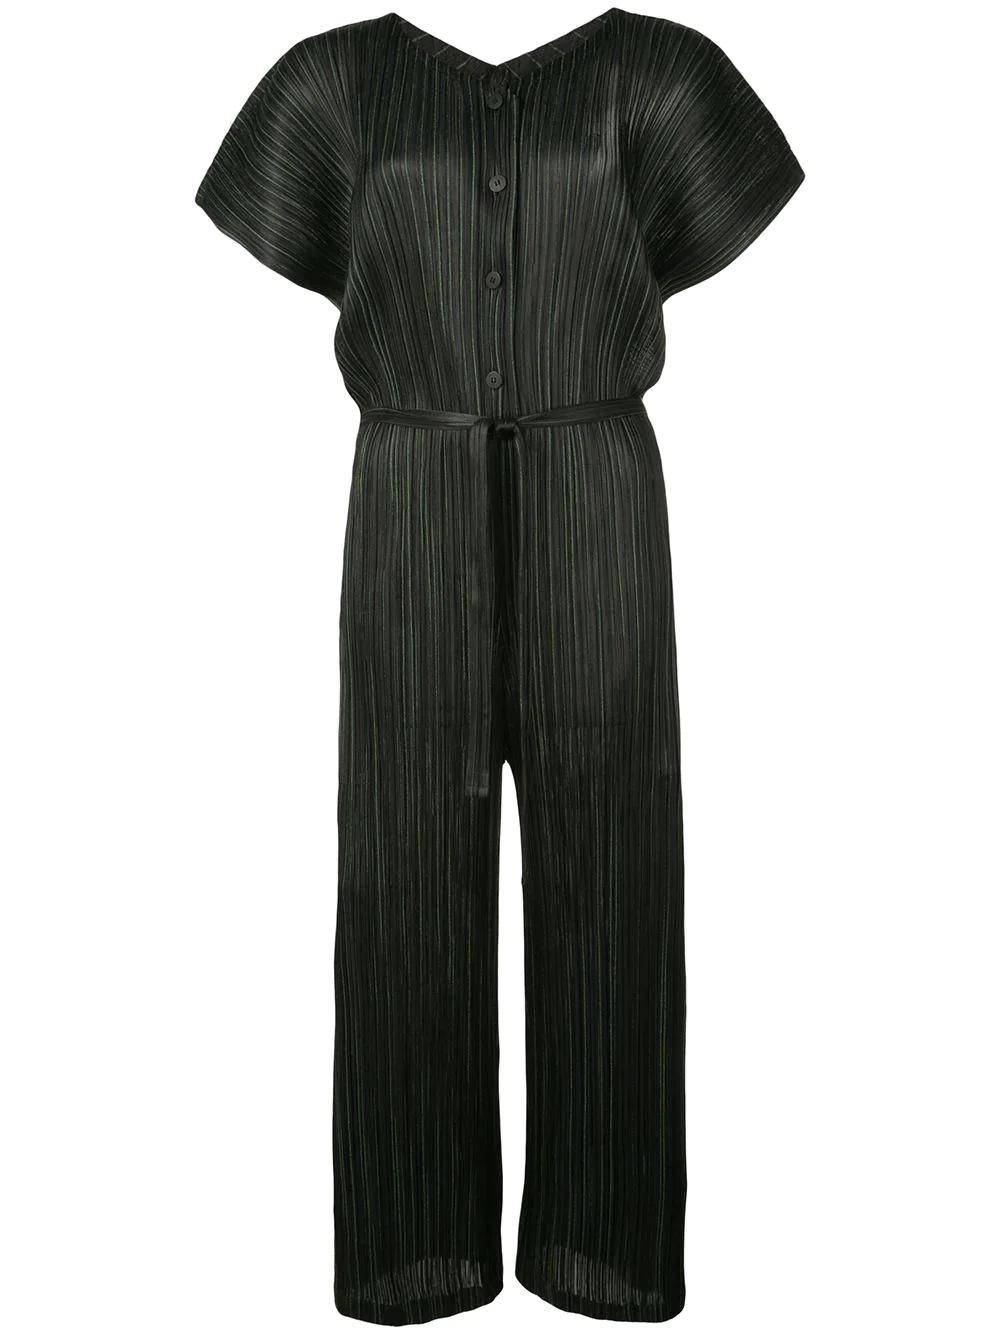 ISSEY MIYAKE | комбинезон Shiny Stripes со складками | Clouty